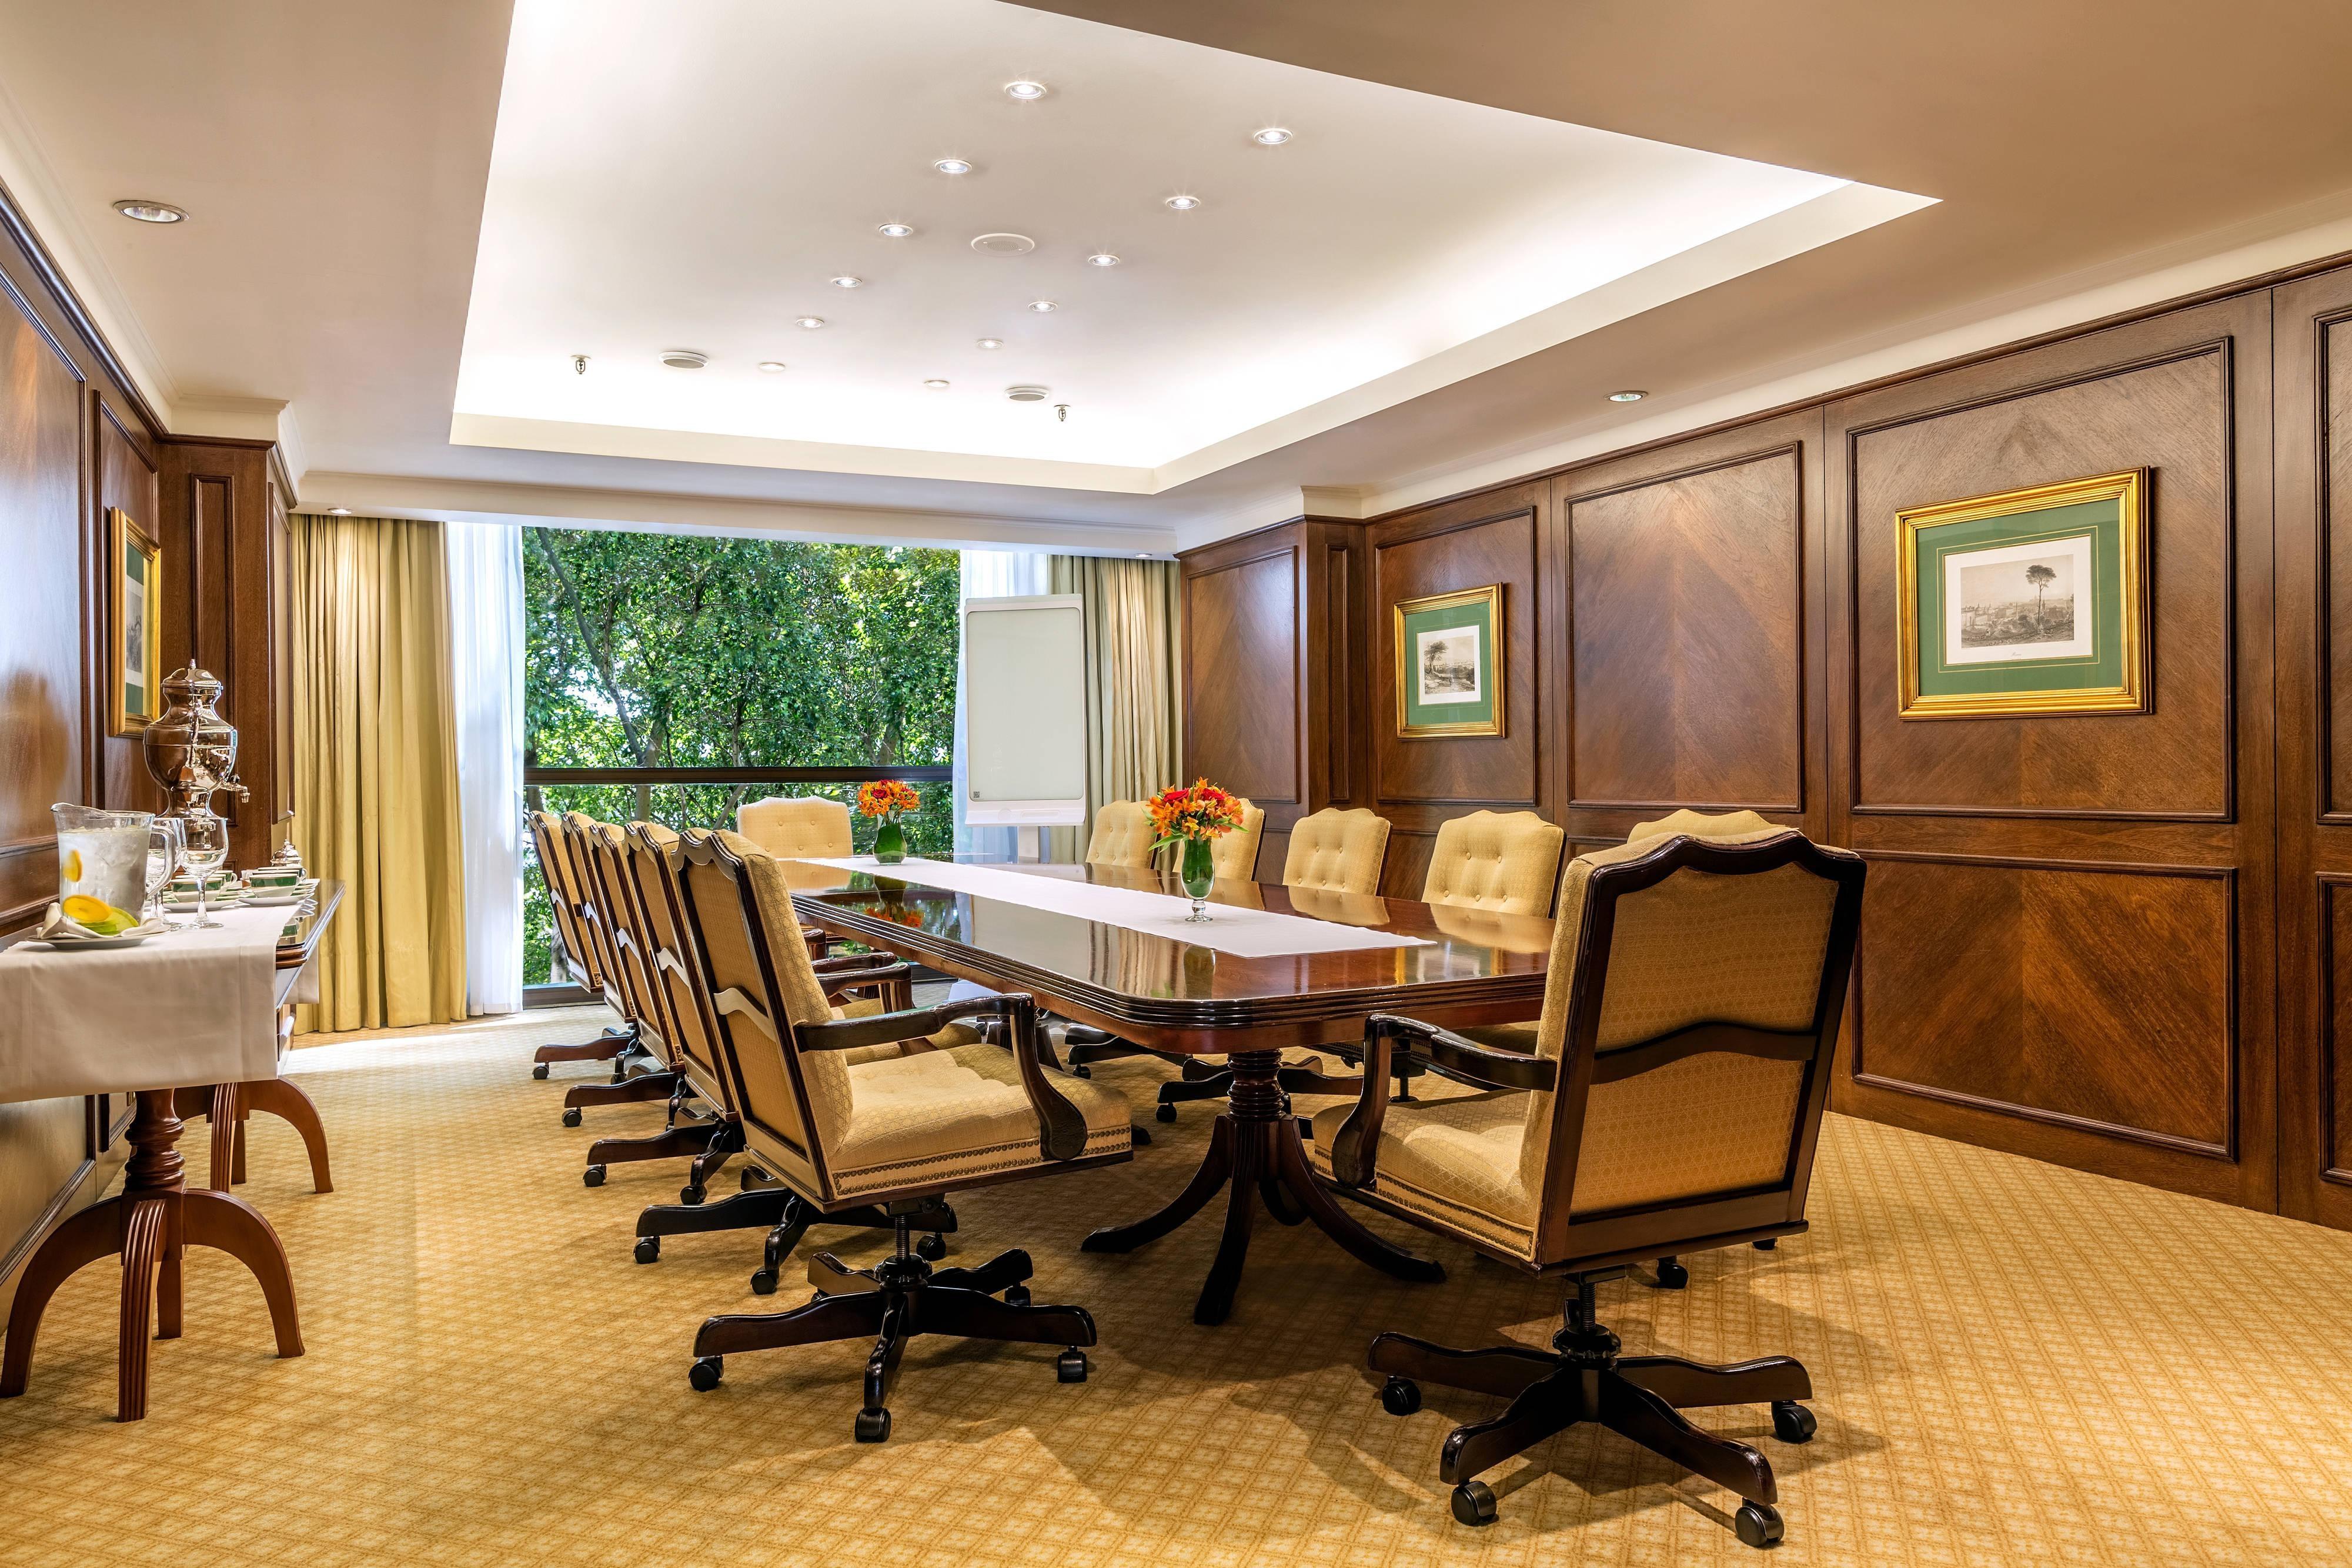 Polo Boardroom